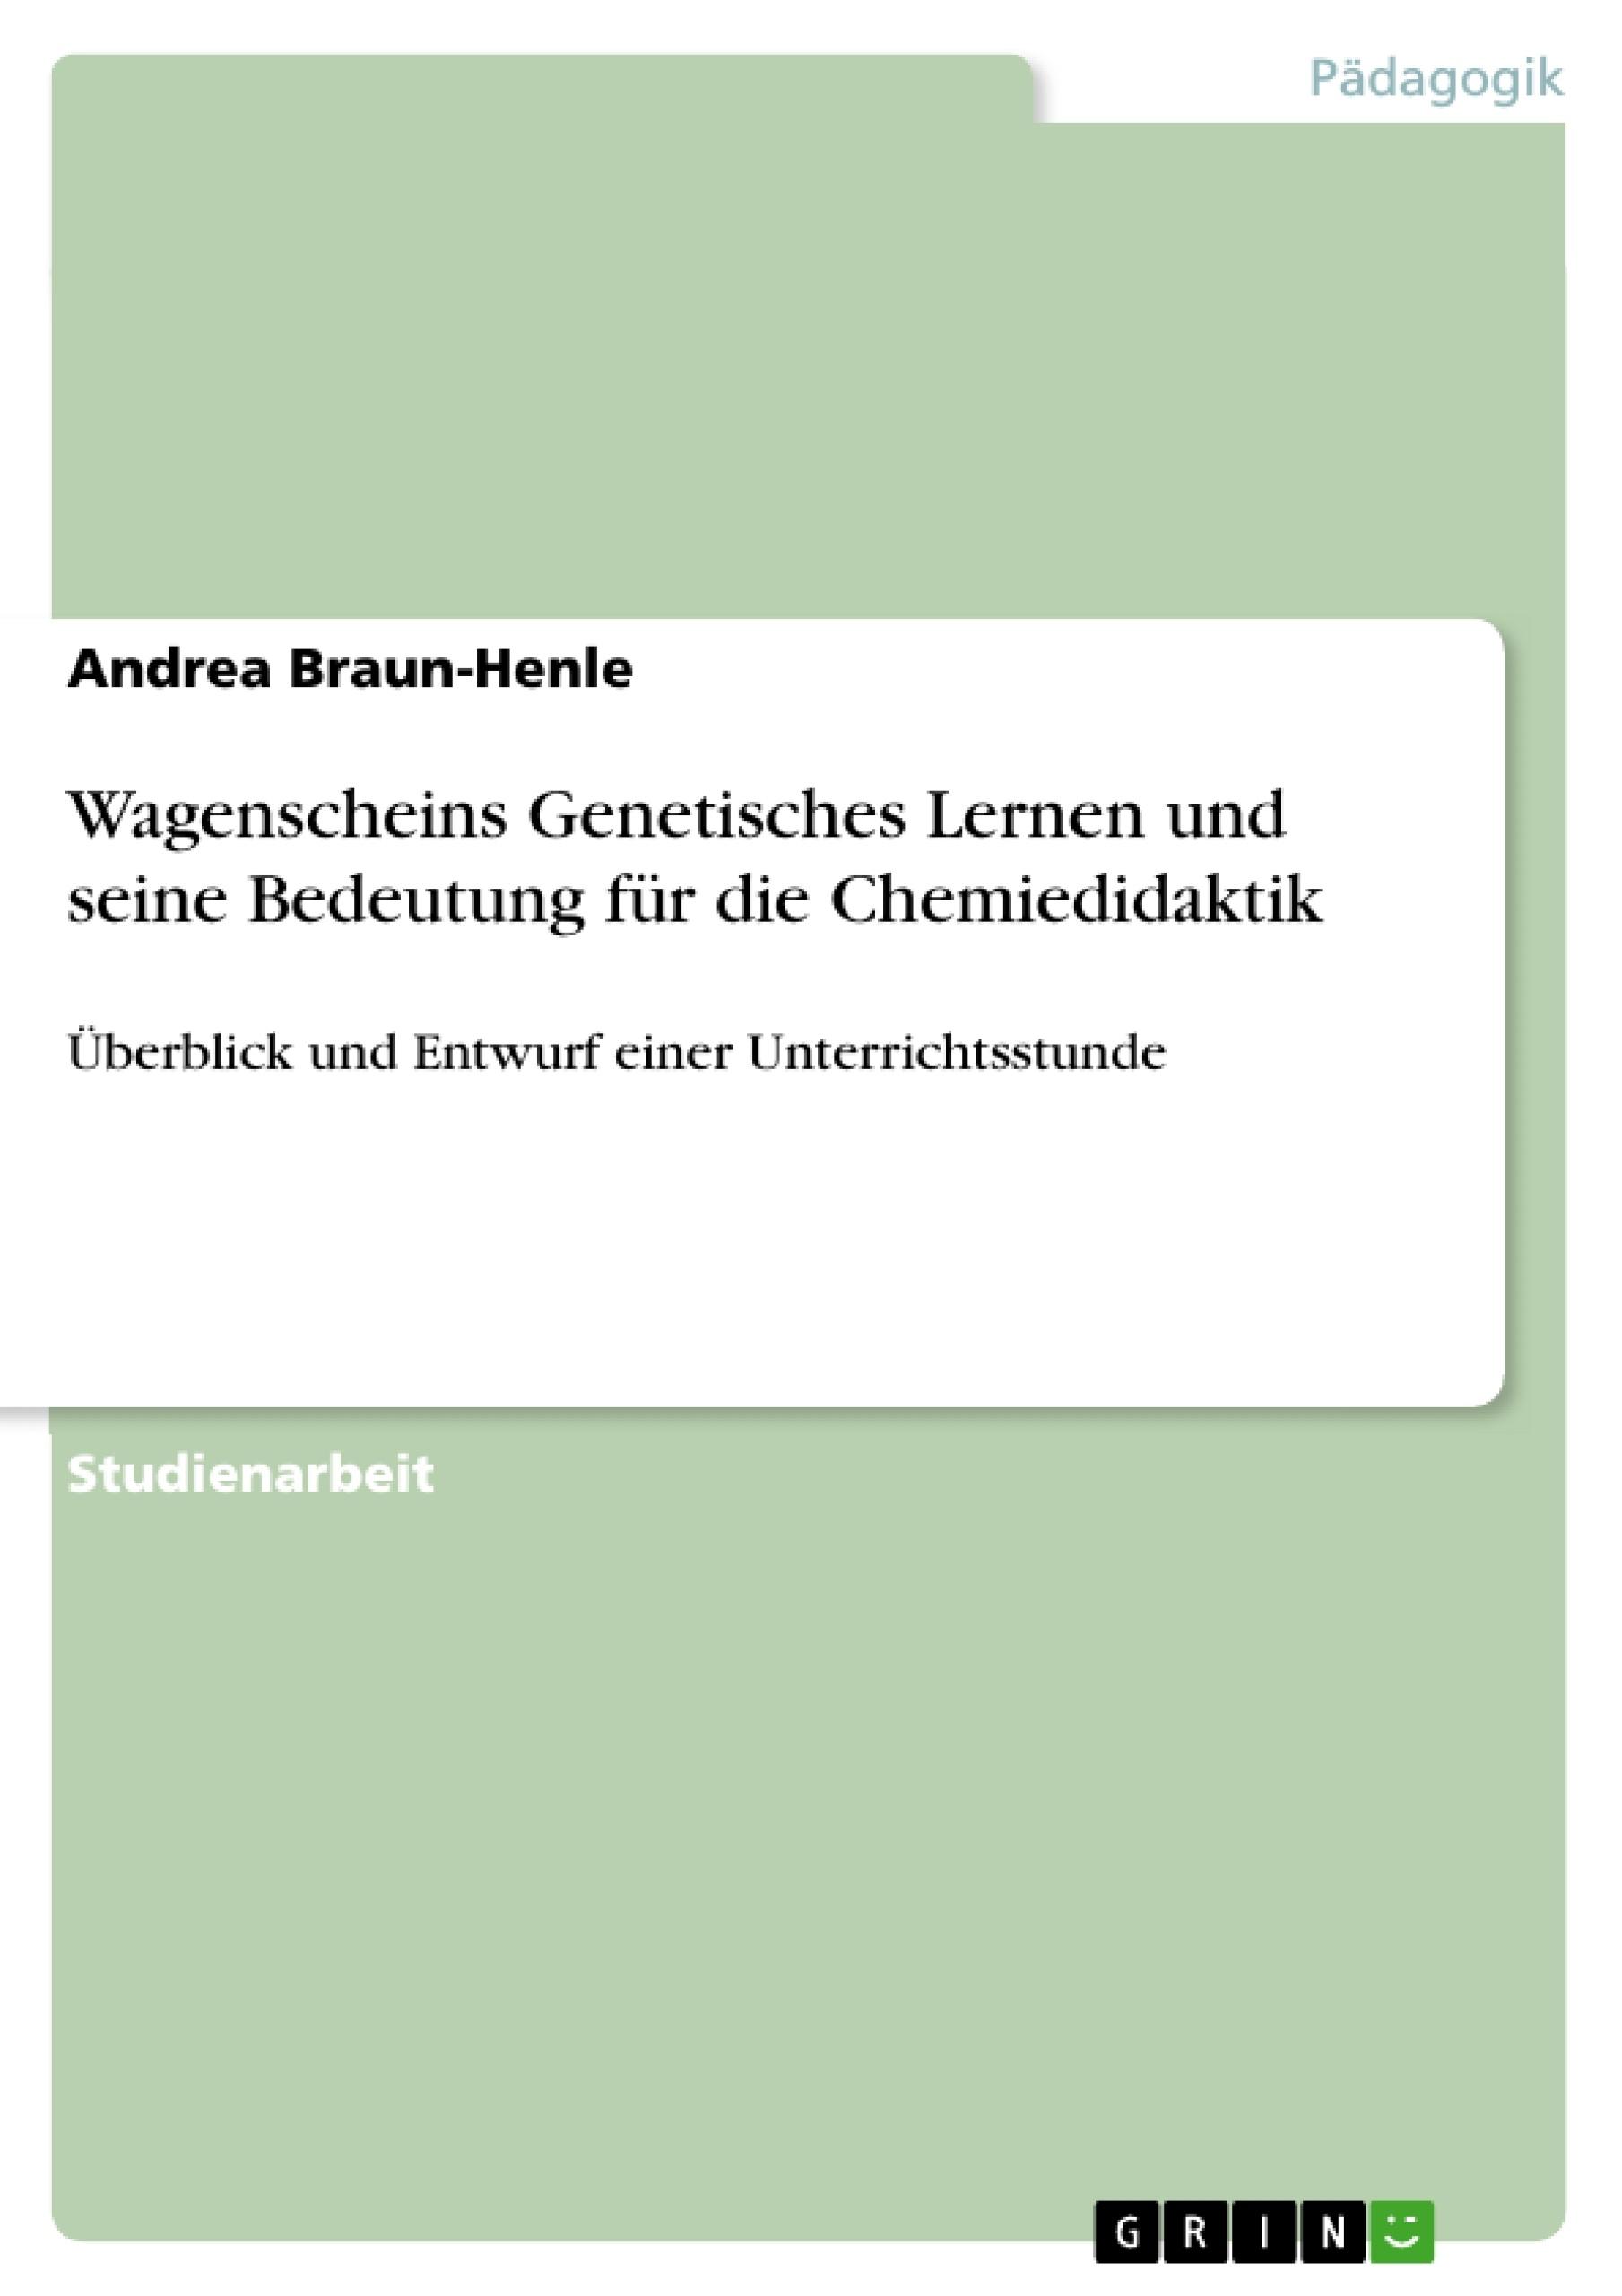 Titel: Wagenscheins Genetisches Lernen und seine Bedeutung für die Chemiedidaktik